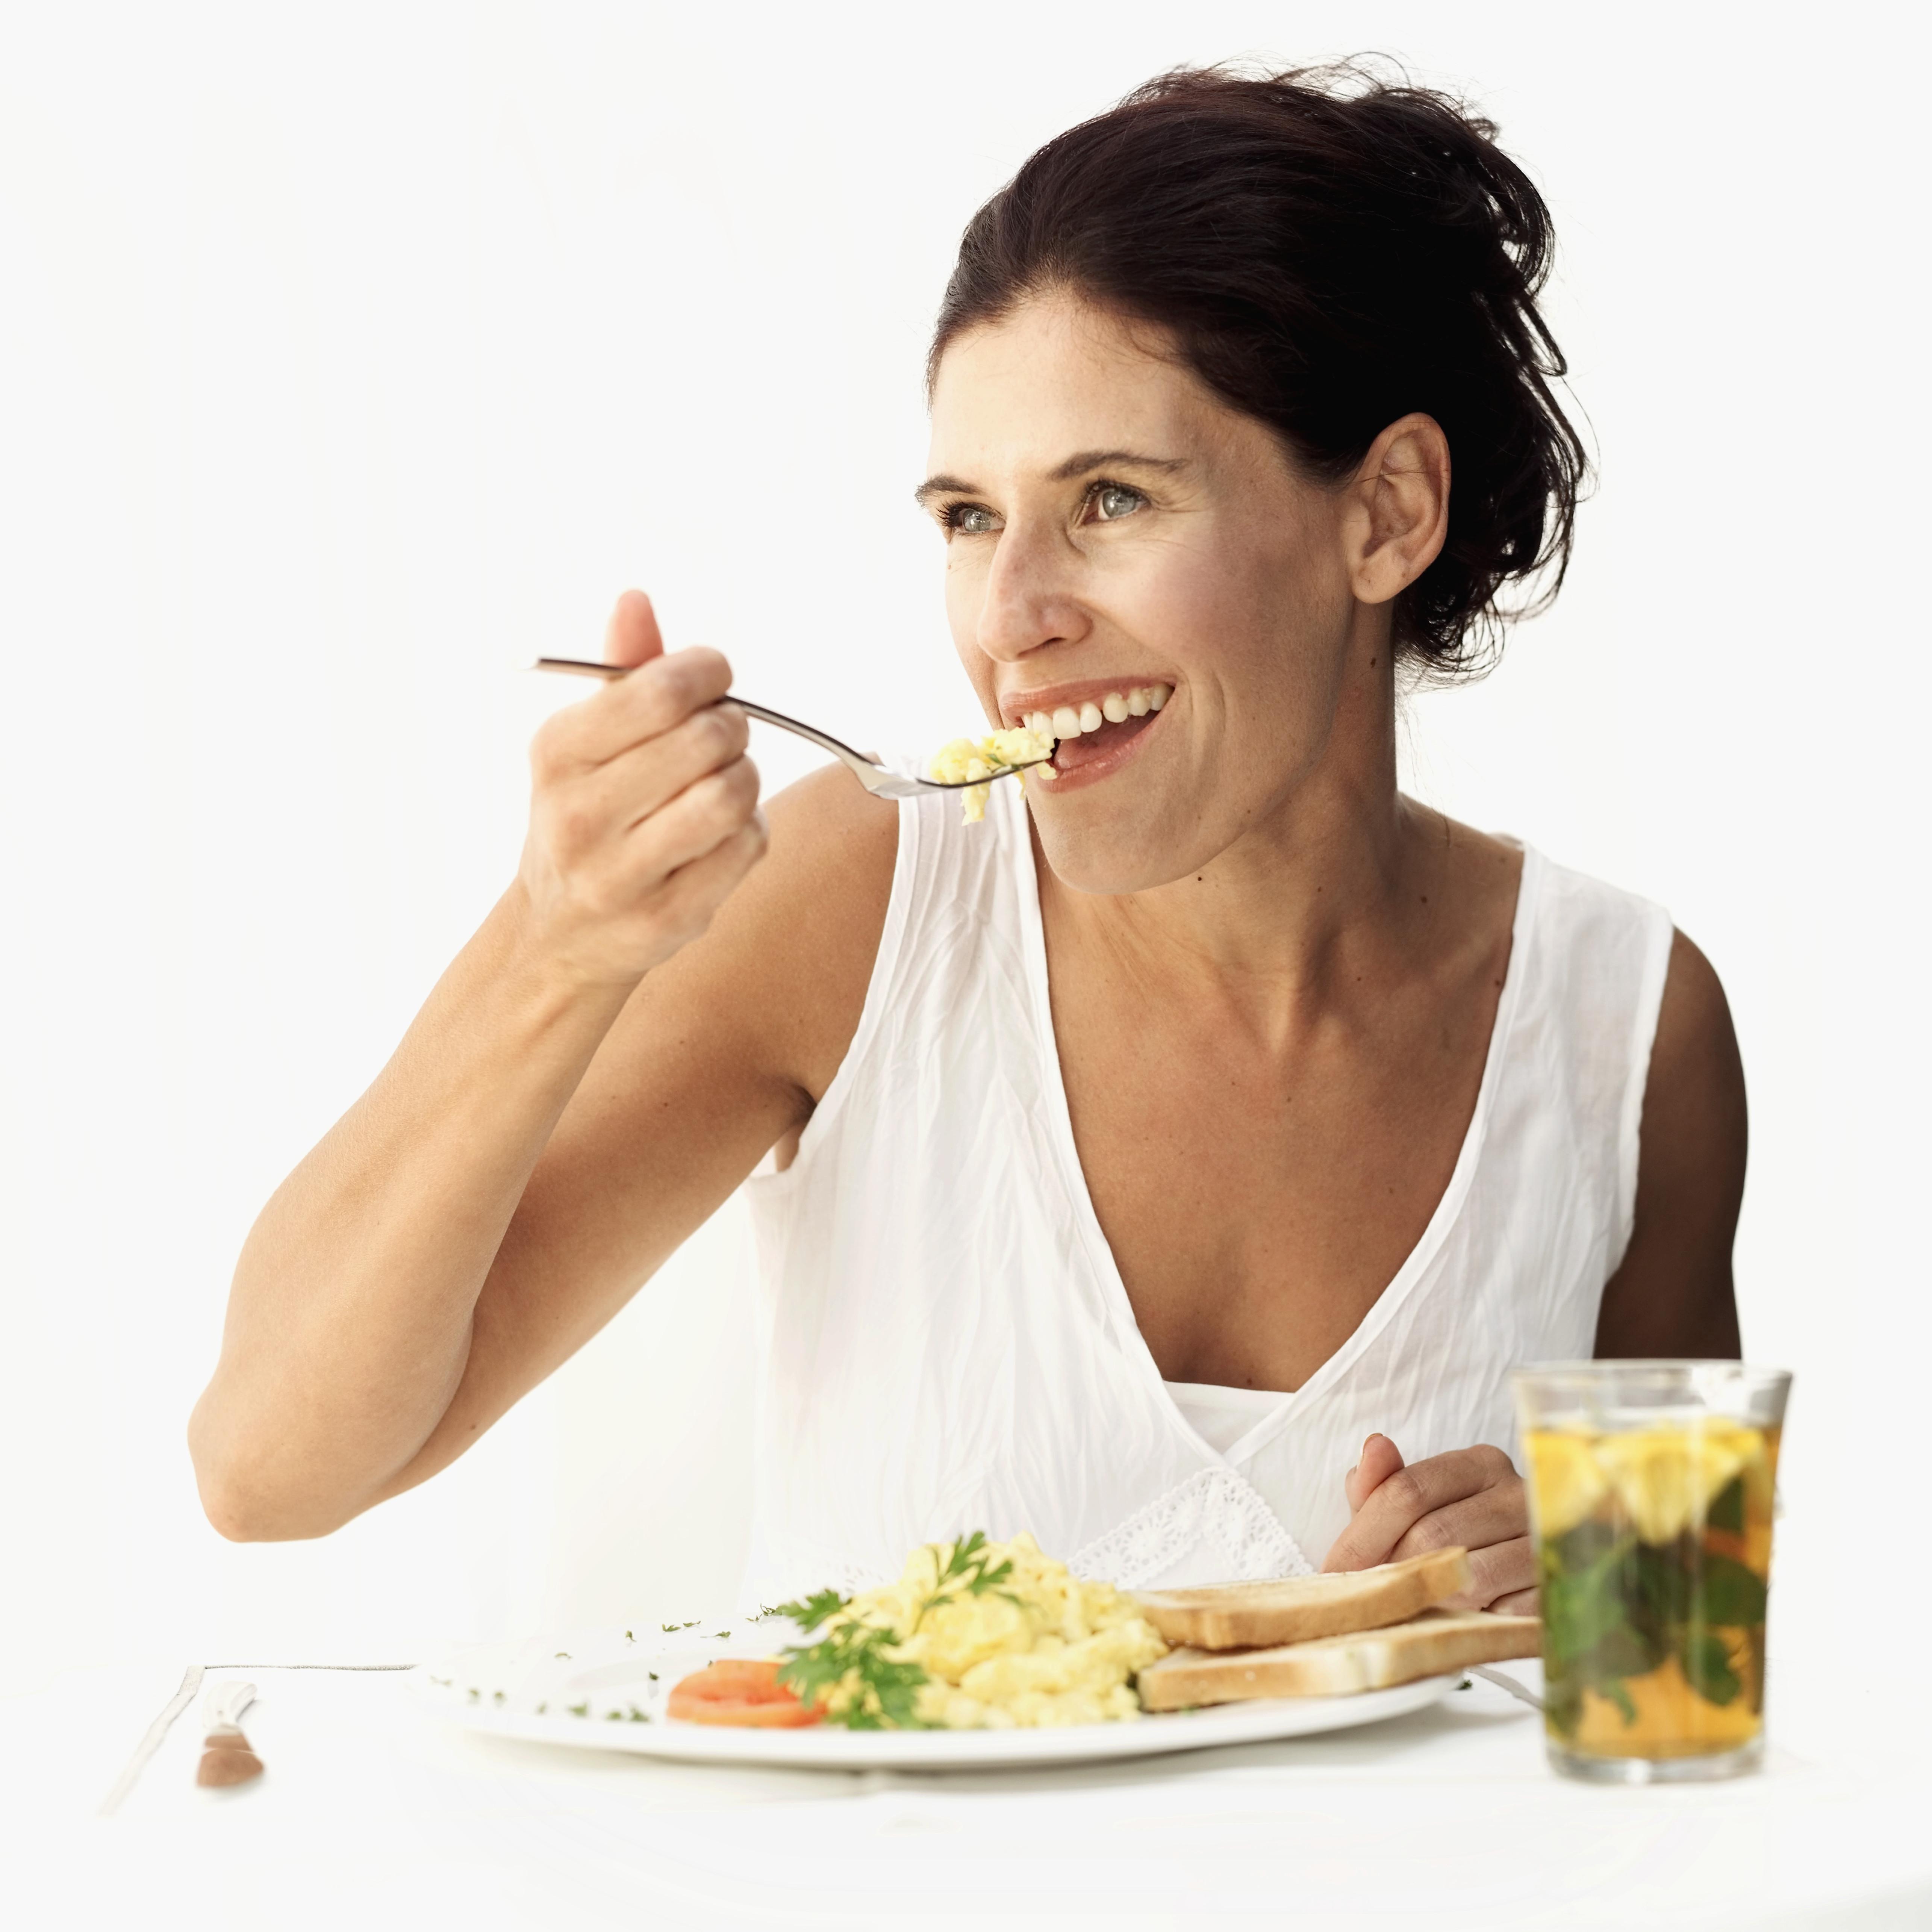 Диета магги как похудеть за 4 недели без вреда и голода